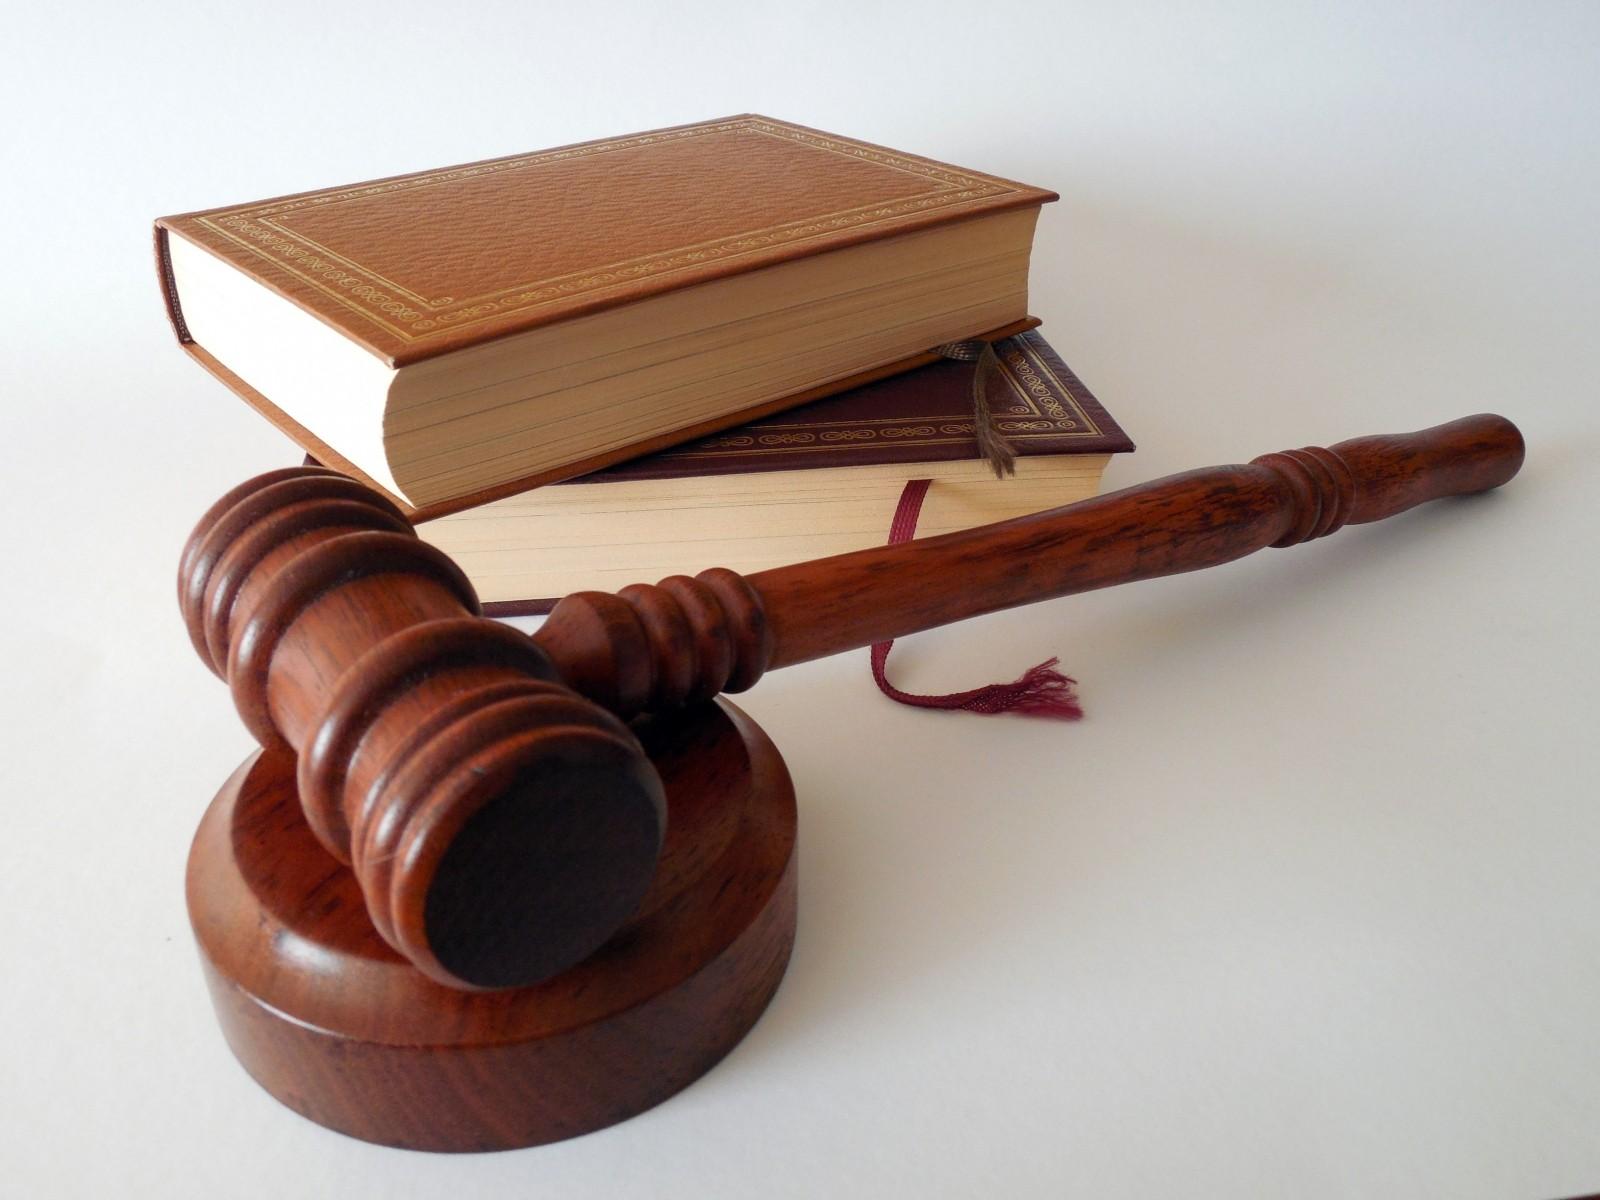 Marteau et livre illustrant la justice